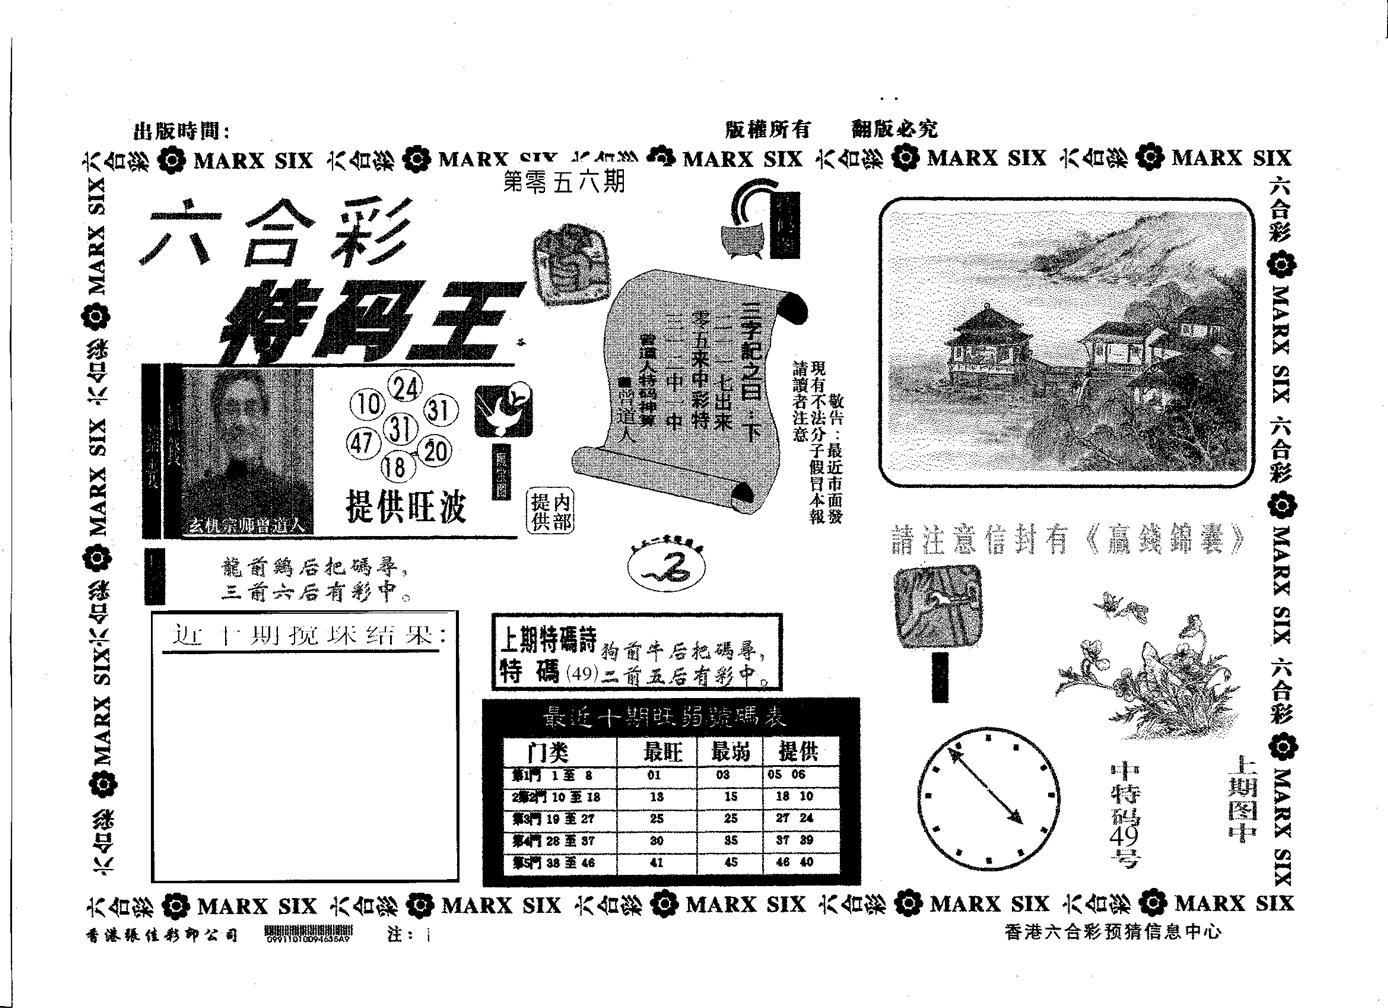 056期特码王B(黑白)